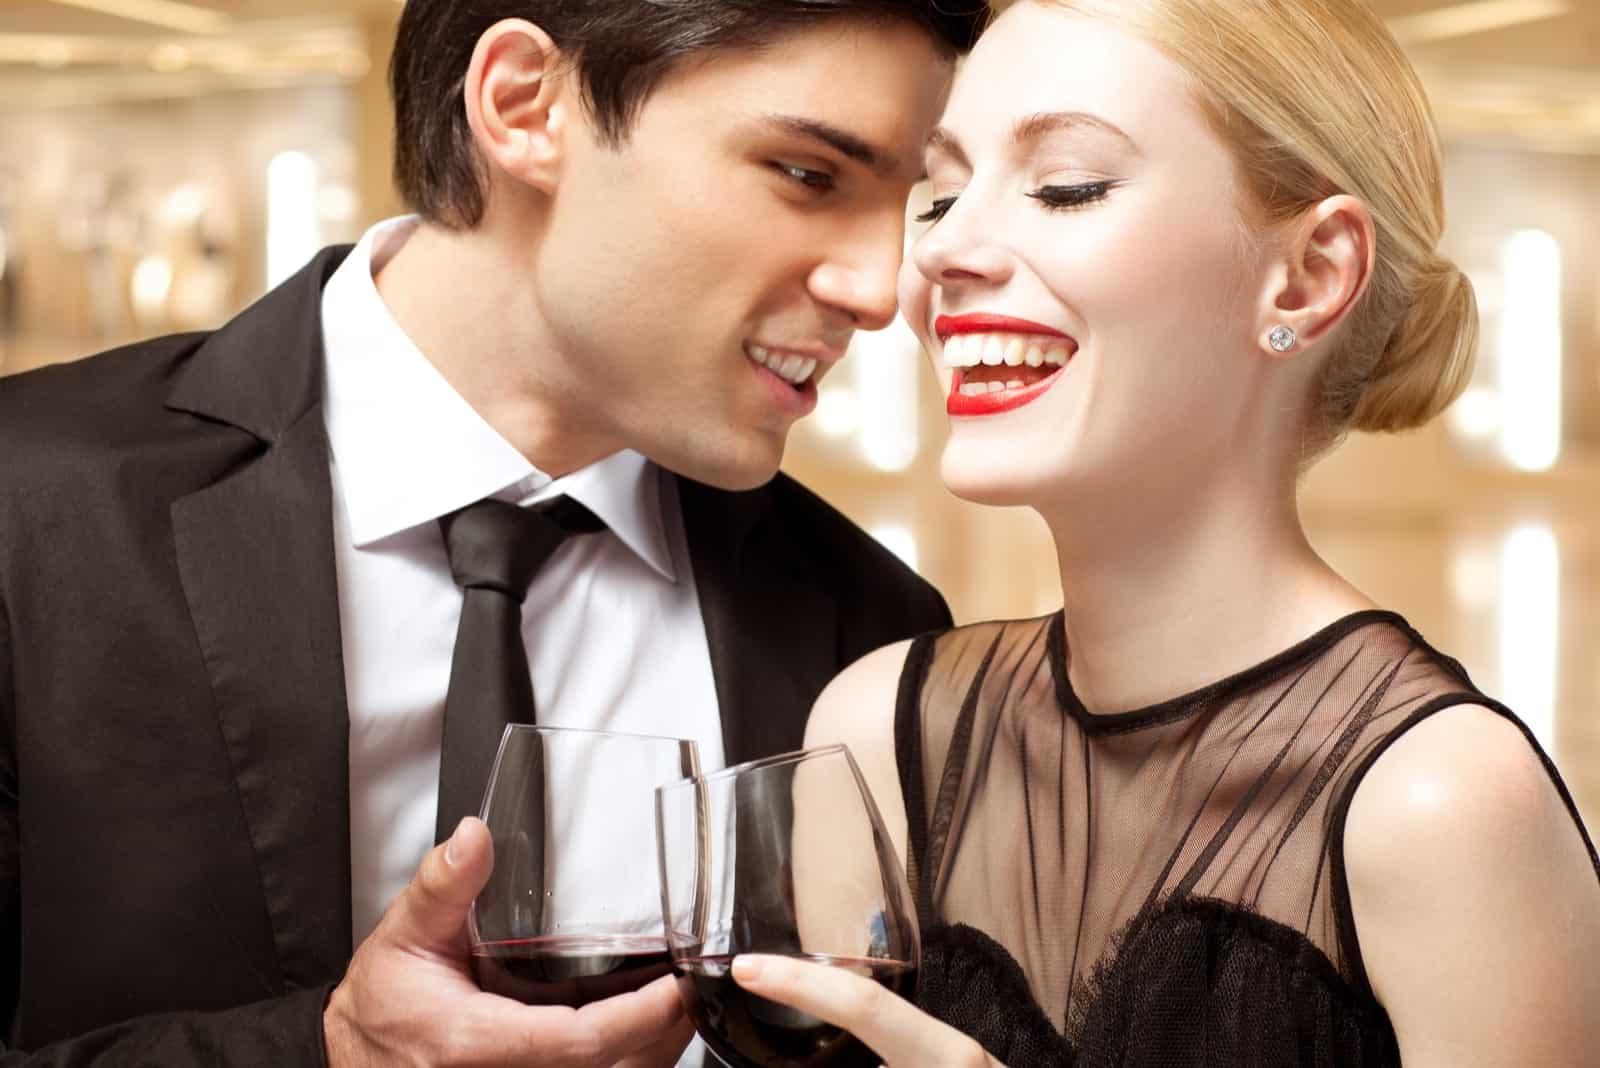 une femme avec une rose rouge boit du vin avec un homme